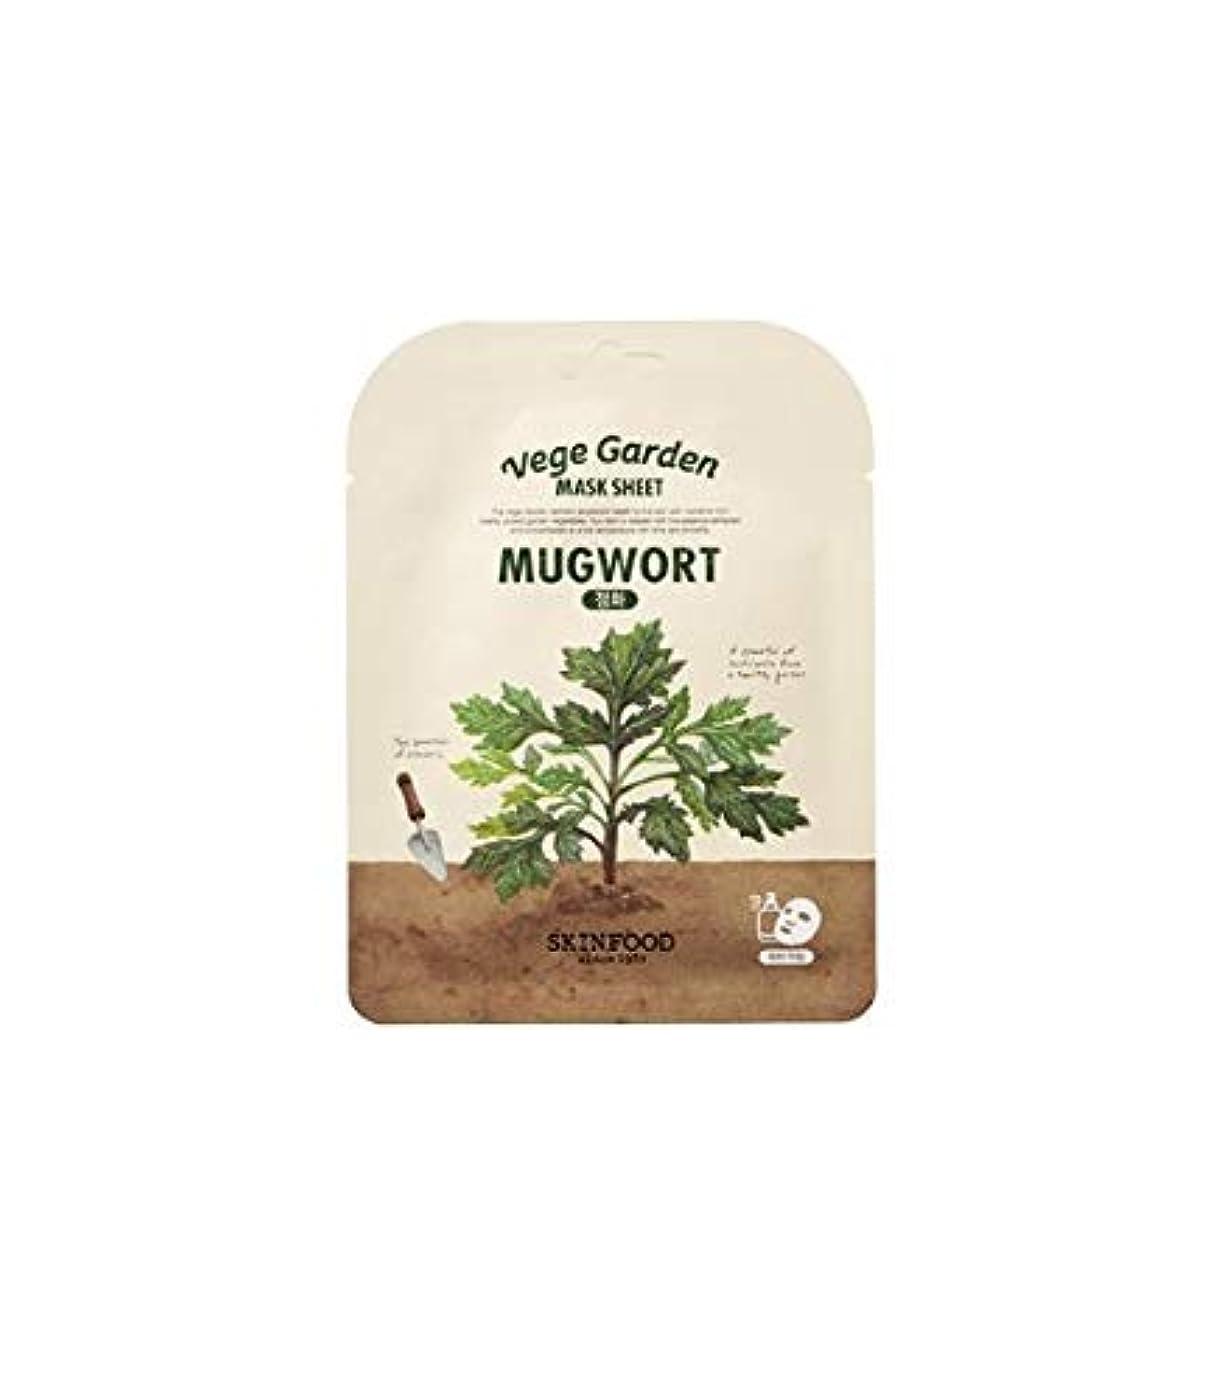 テーマゴールドウッズSkinfood ベジガーデンマスクシート#ヨモギ* 10ea / Vege Garden Mask Sheet #Mugwort *10ea 20ml*10 [並行輸入品]